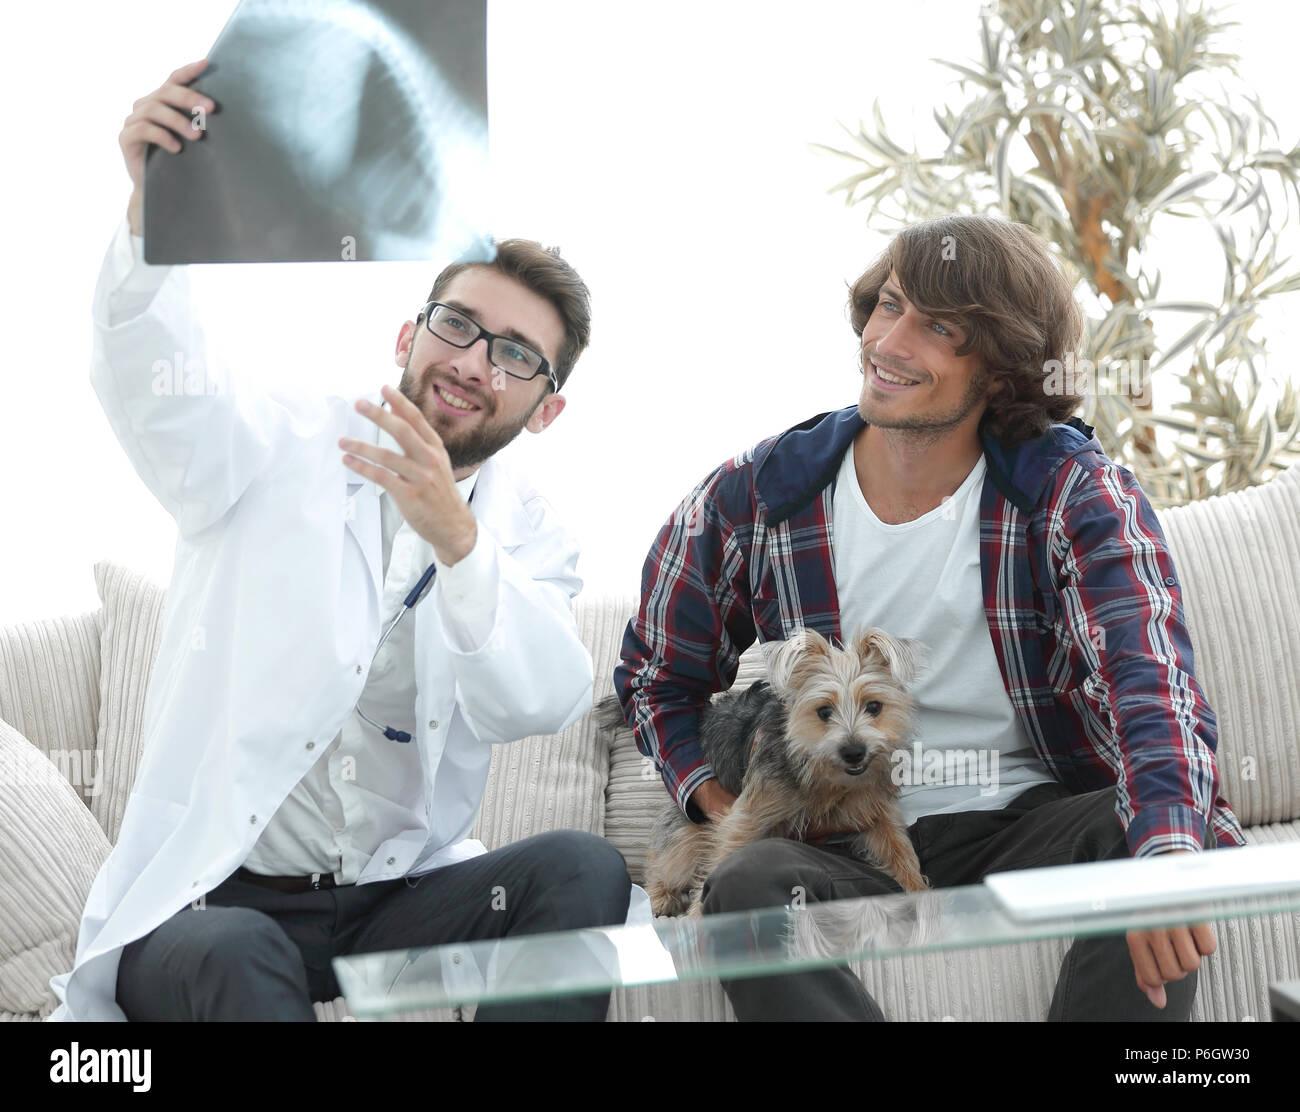 Tierarzt zeigen, eine x-ray an den Besitzer des Hundes. Stockfoto